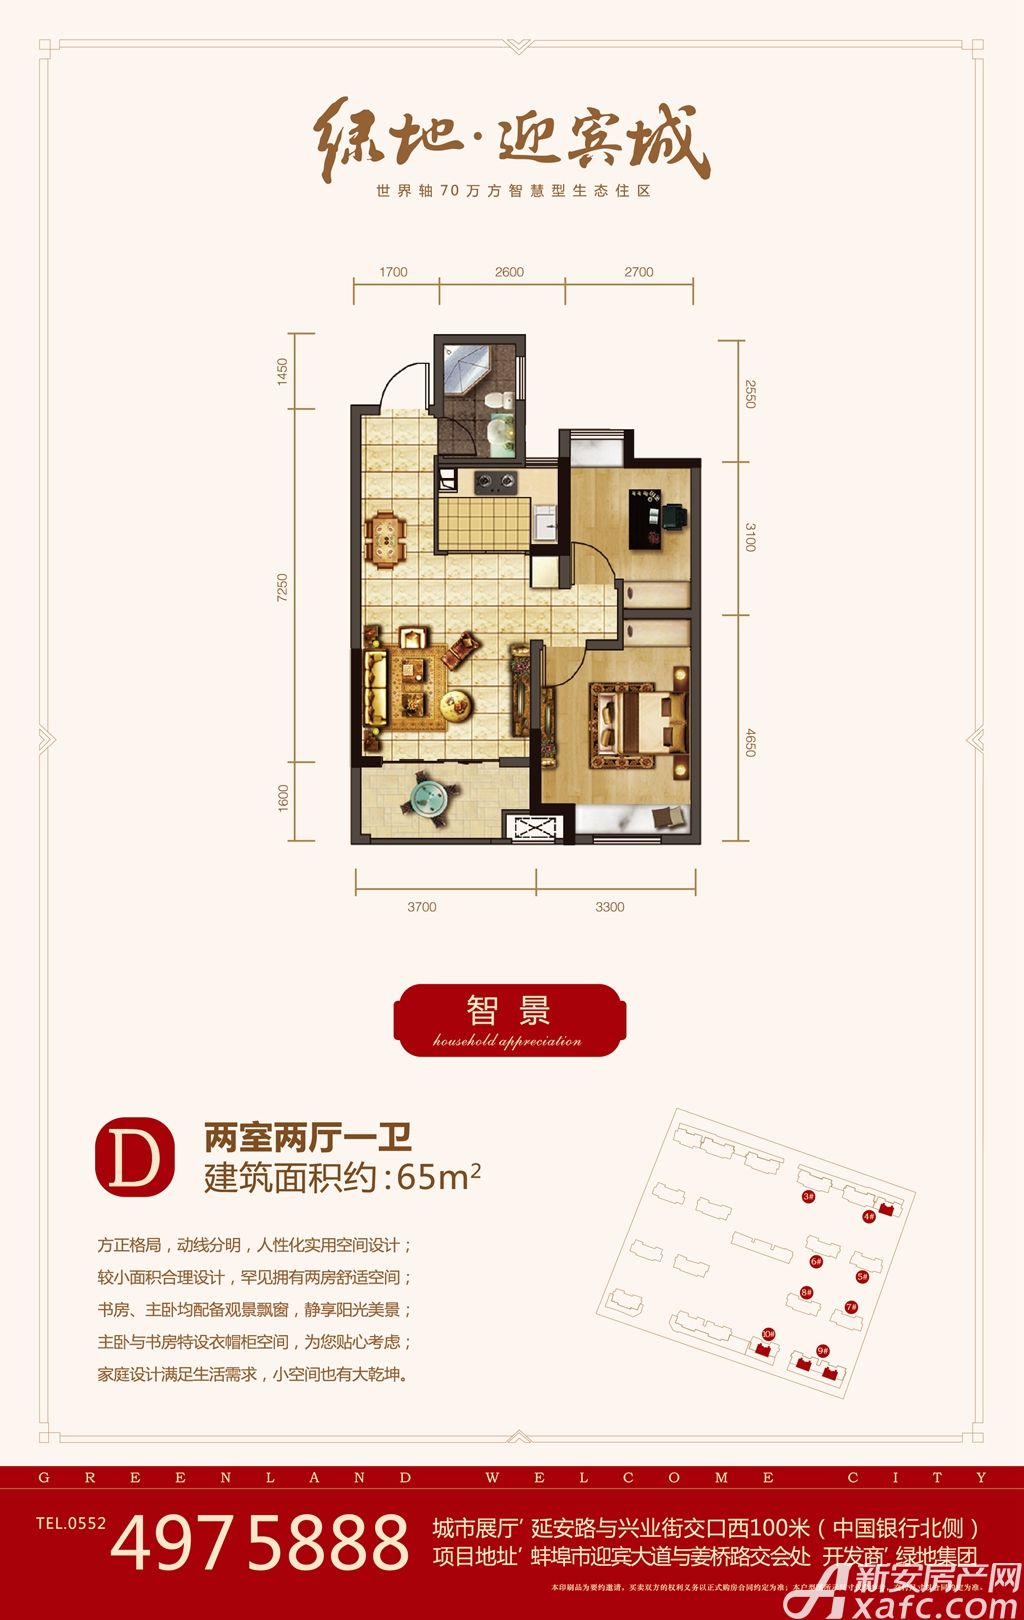 绿地迎宾城智景户型2室2厅65平米